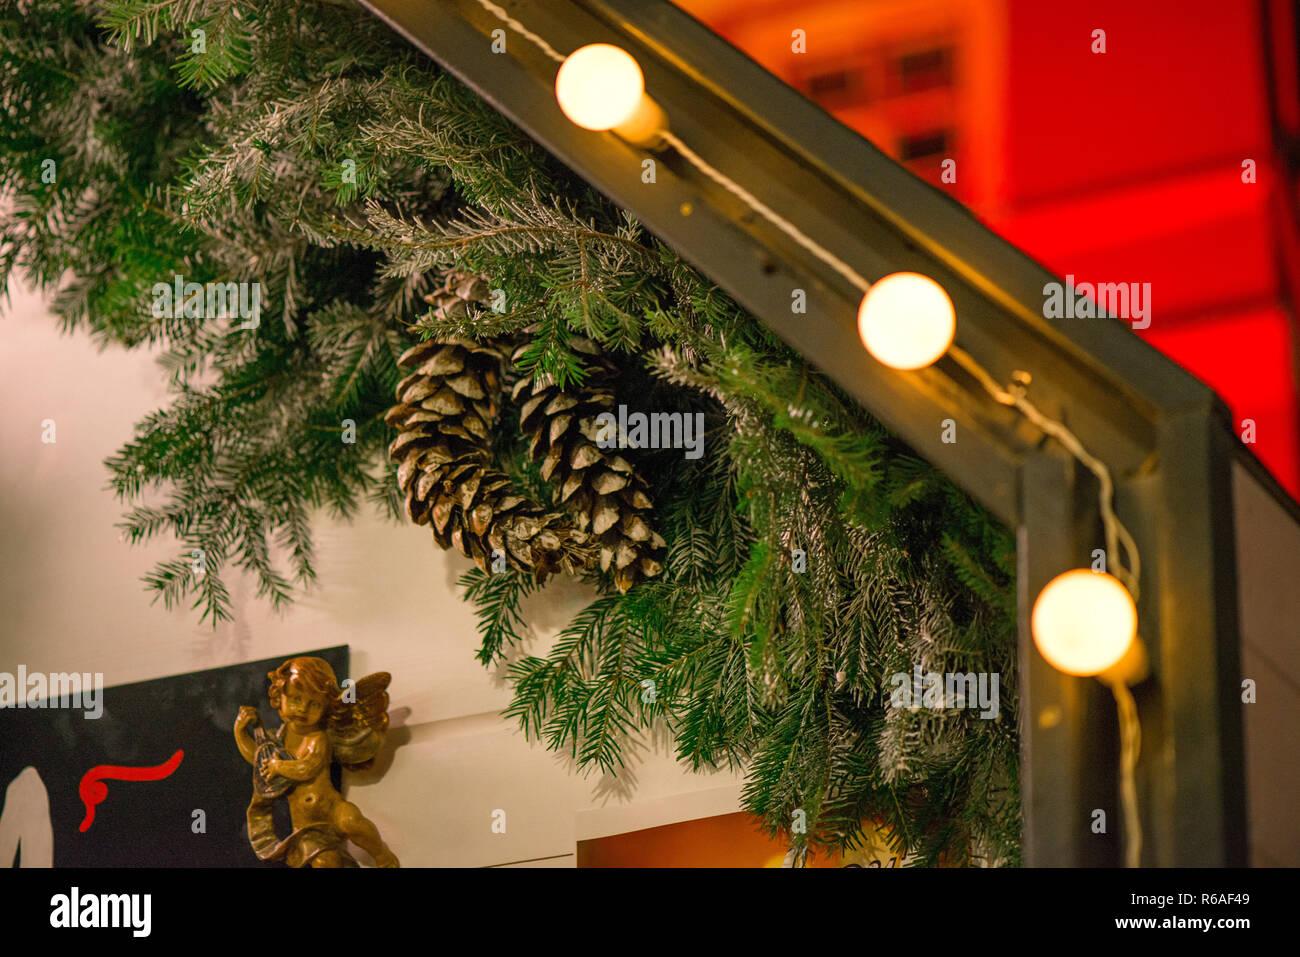 Weihnachtsbeleuchtung Tannenzapfen.Schönen Weihnachtsschmuck Hängen Auf Dem Dach Vor Dem Haus Grünen